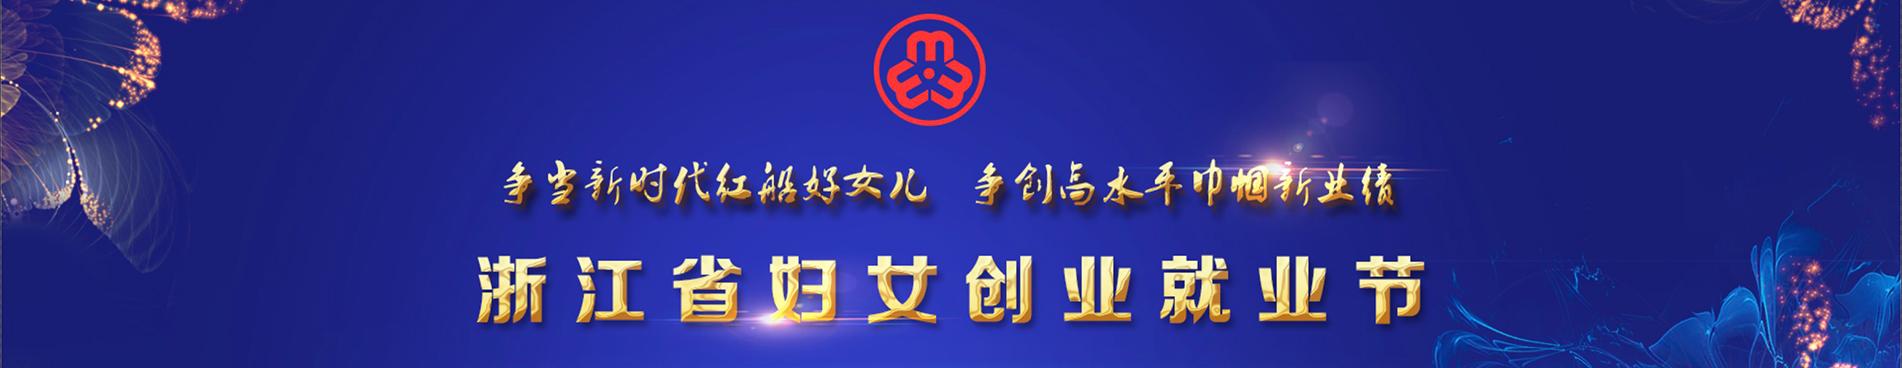 浙江省妇女创业就业节